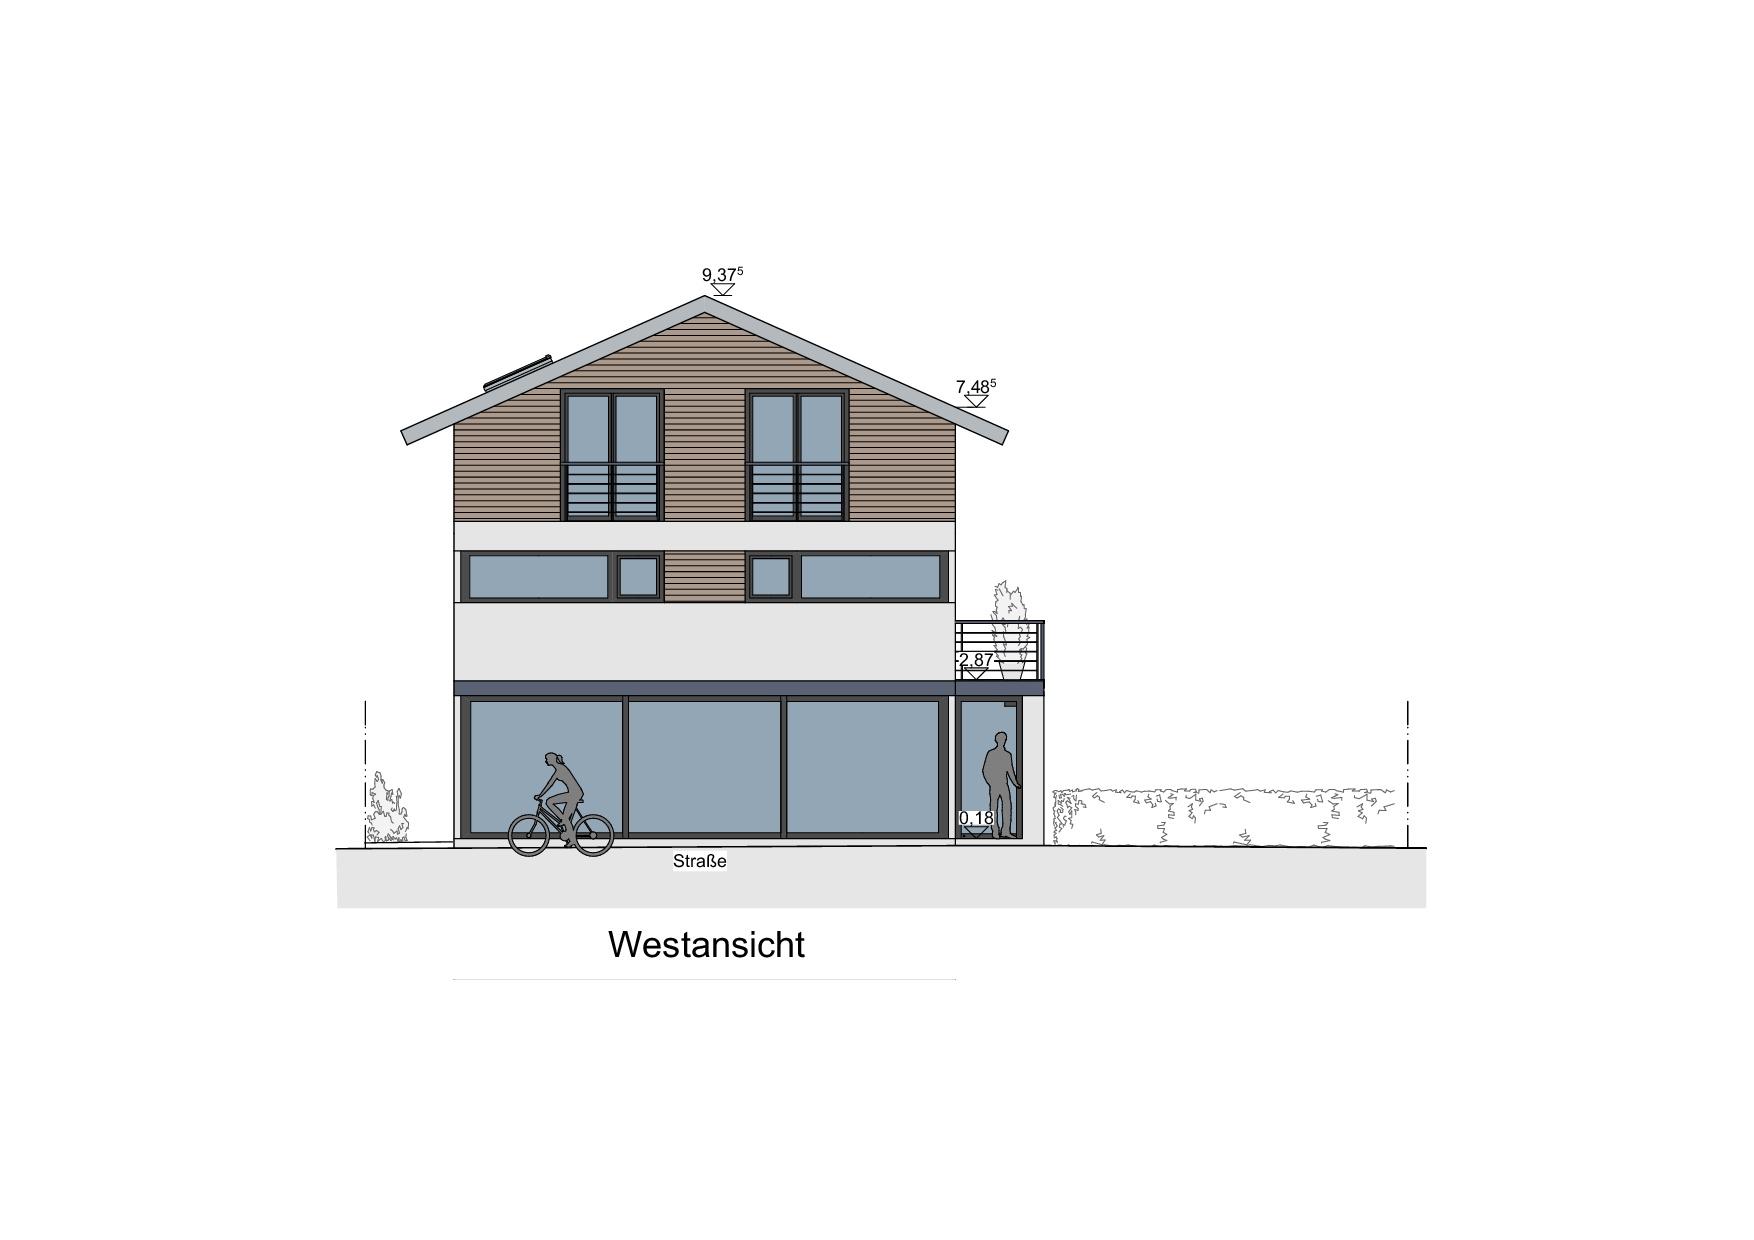 Einfamilienhaus mit Geschäftsbereich in Lindenberg - Westansicht